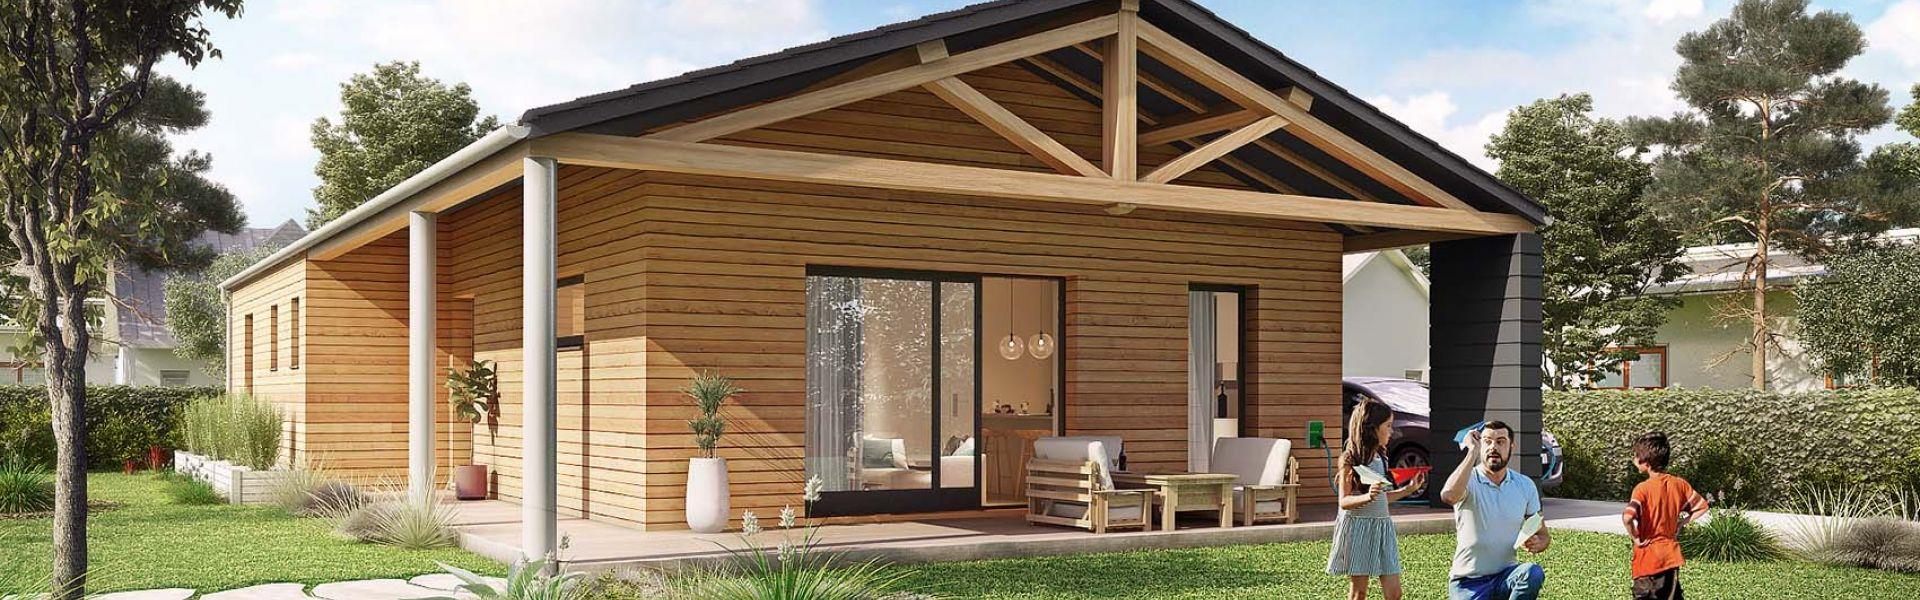 Constructeur Corse Du Sud minéral | ami bois, constructeur de maisons en bois